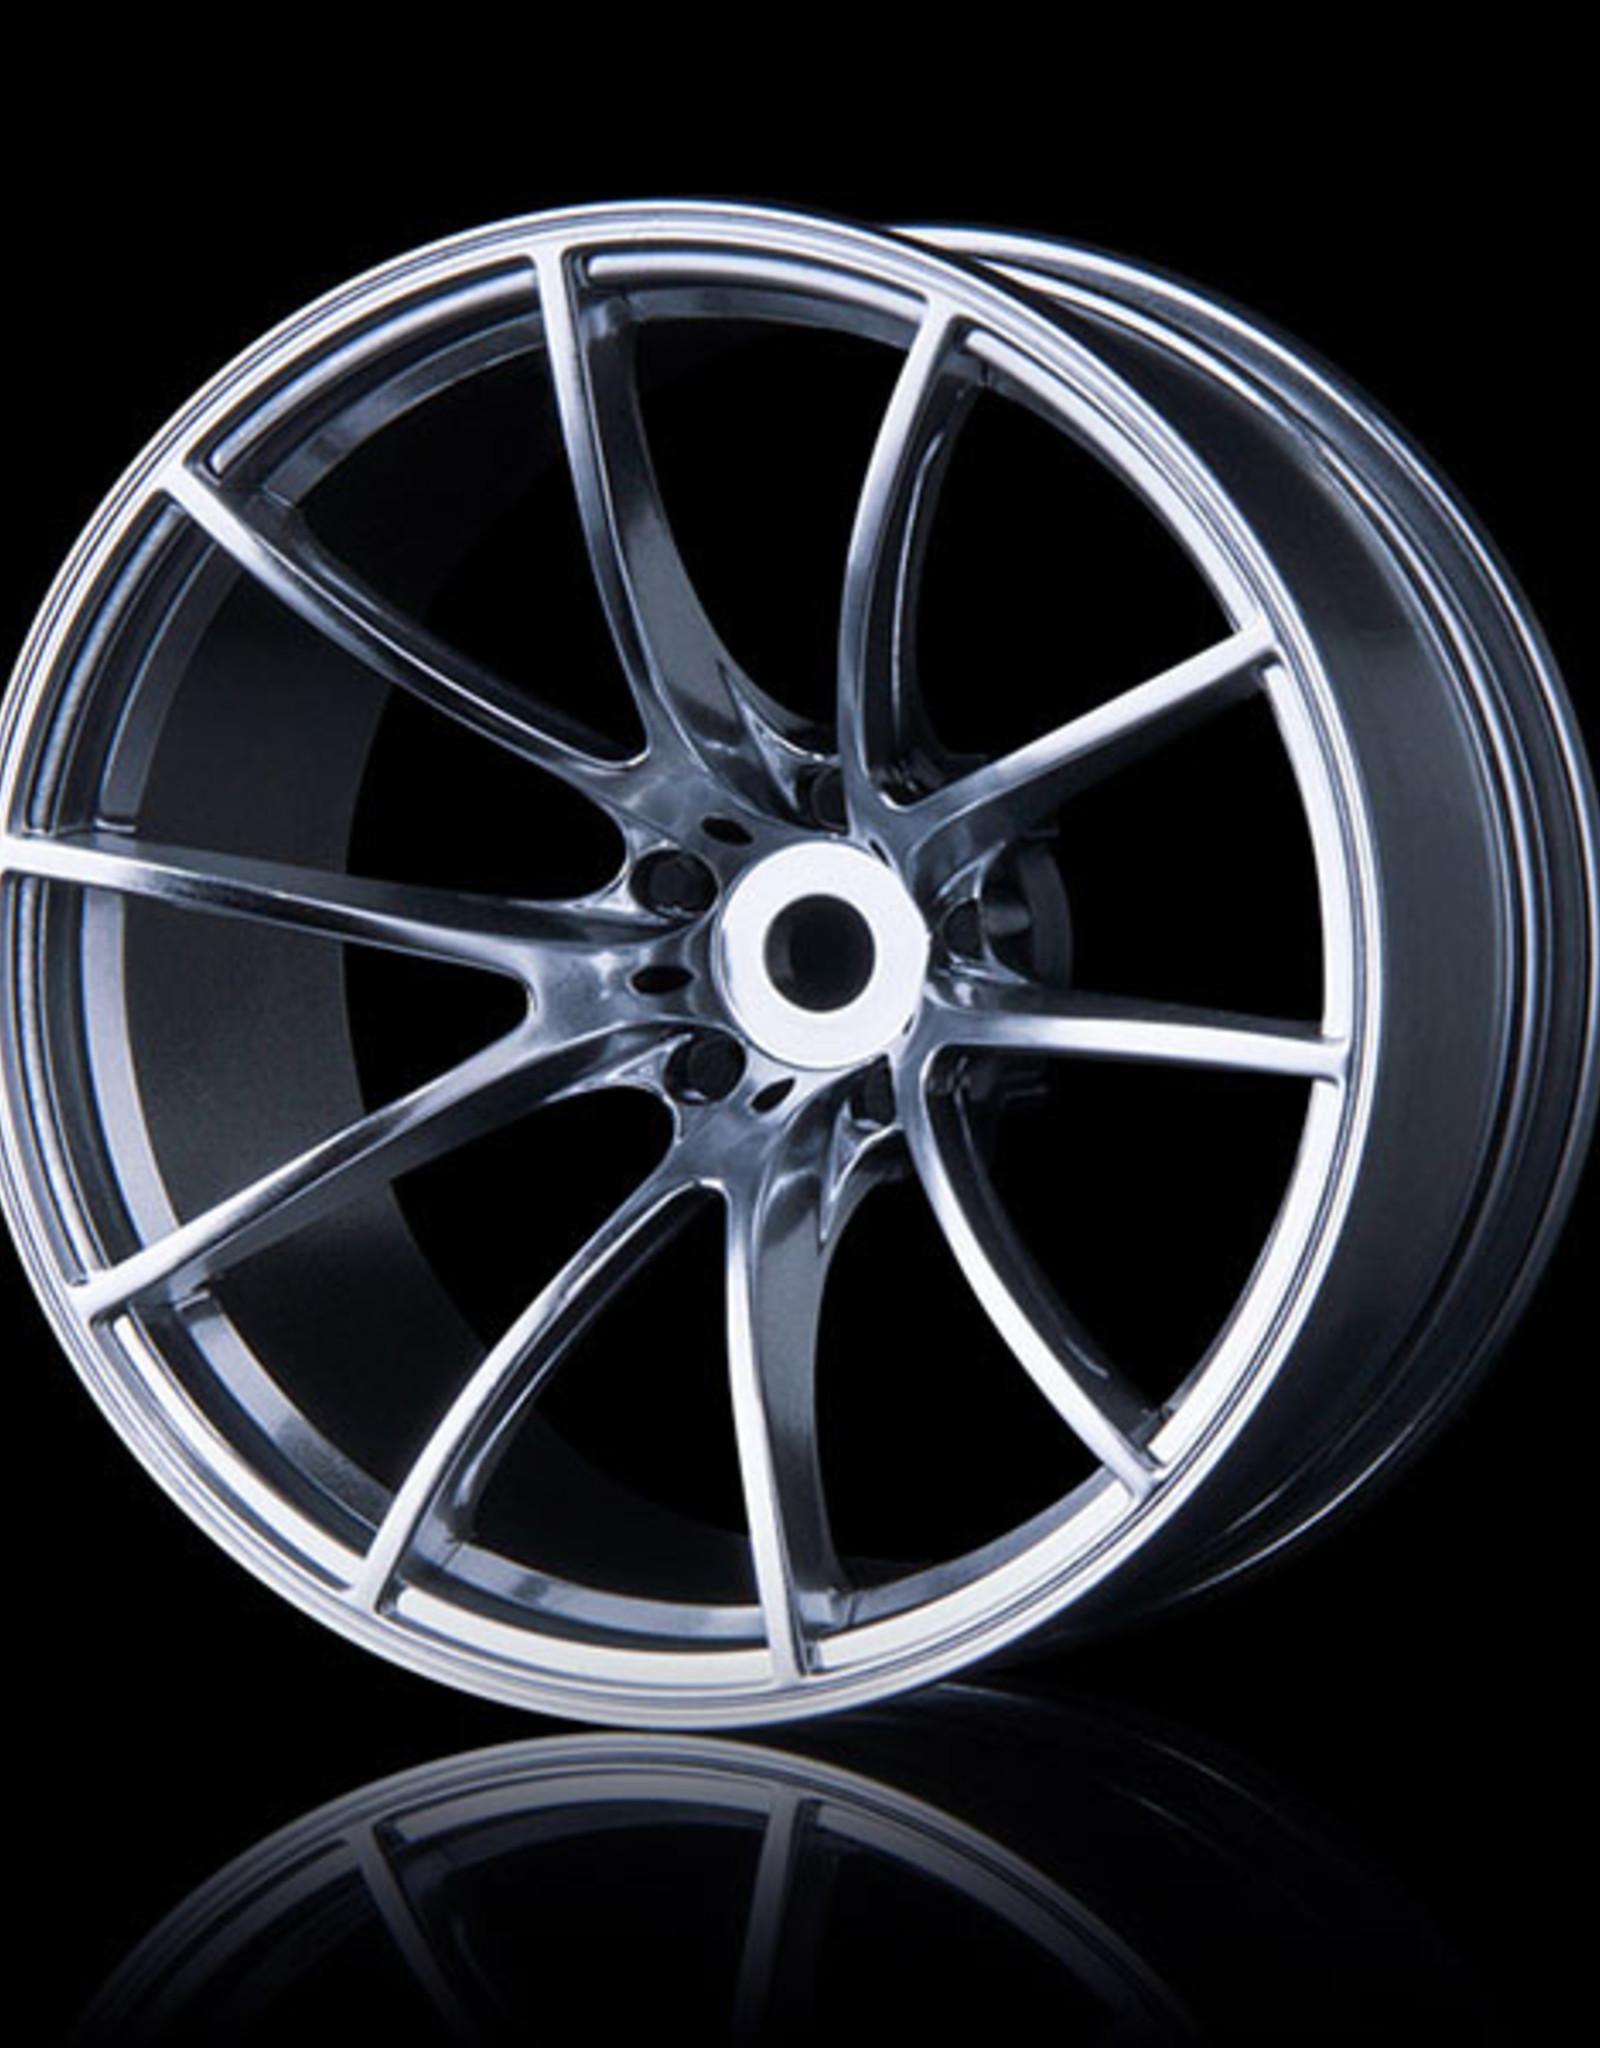 MST G25 Wheel (4) by MST Flat Silver 11mm